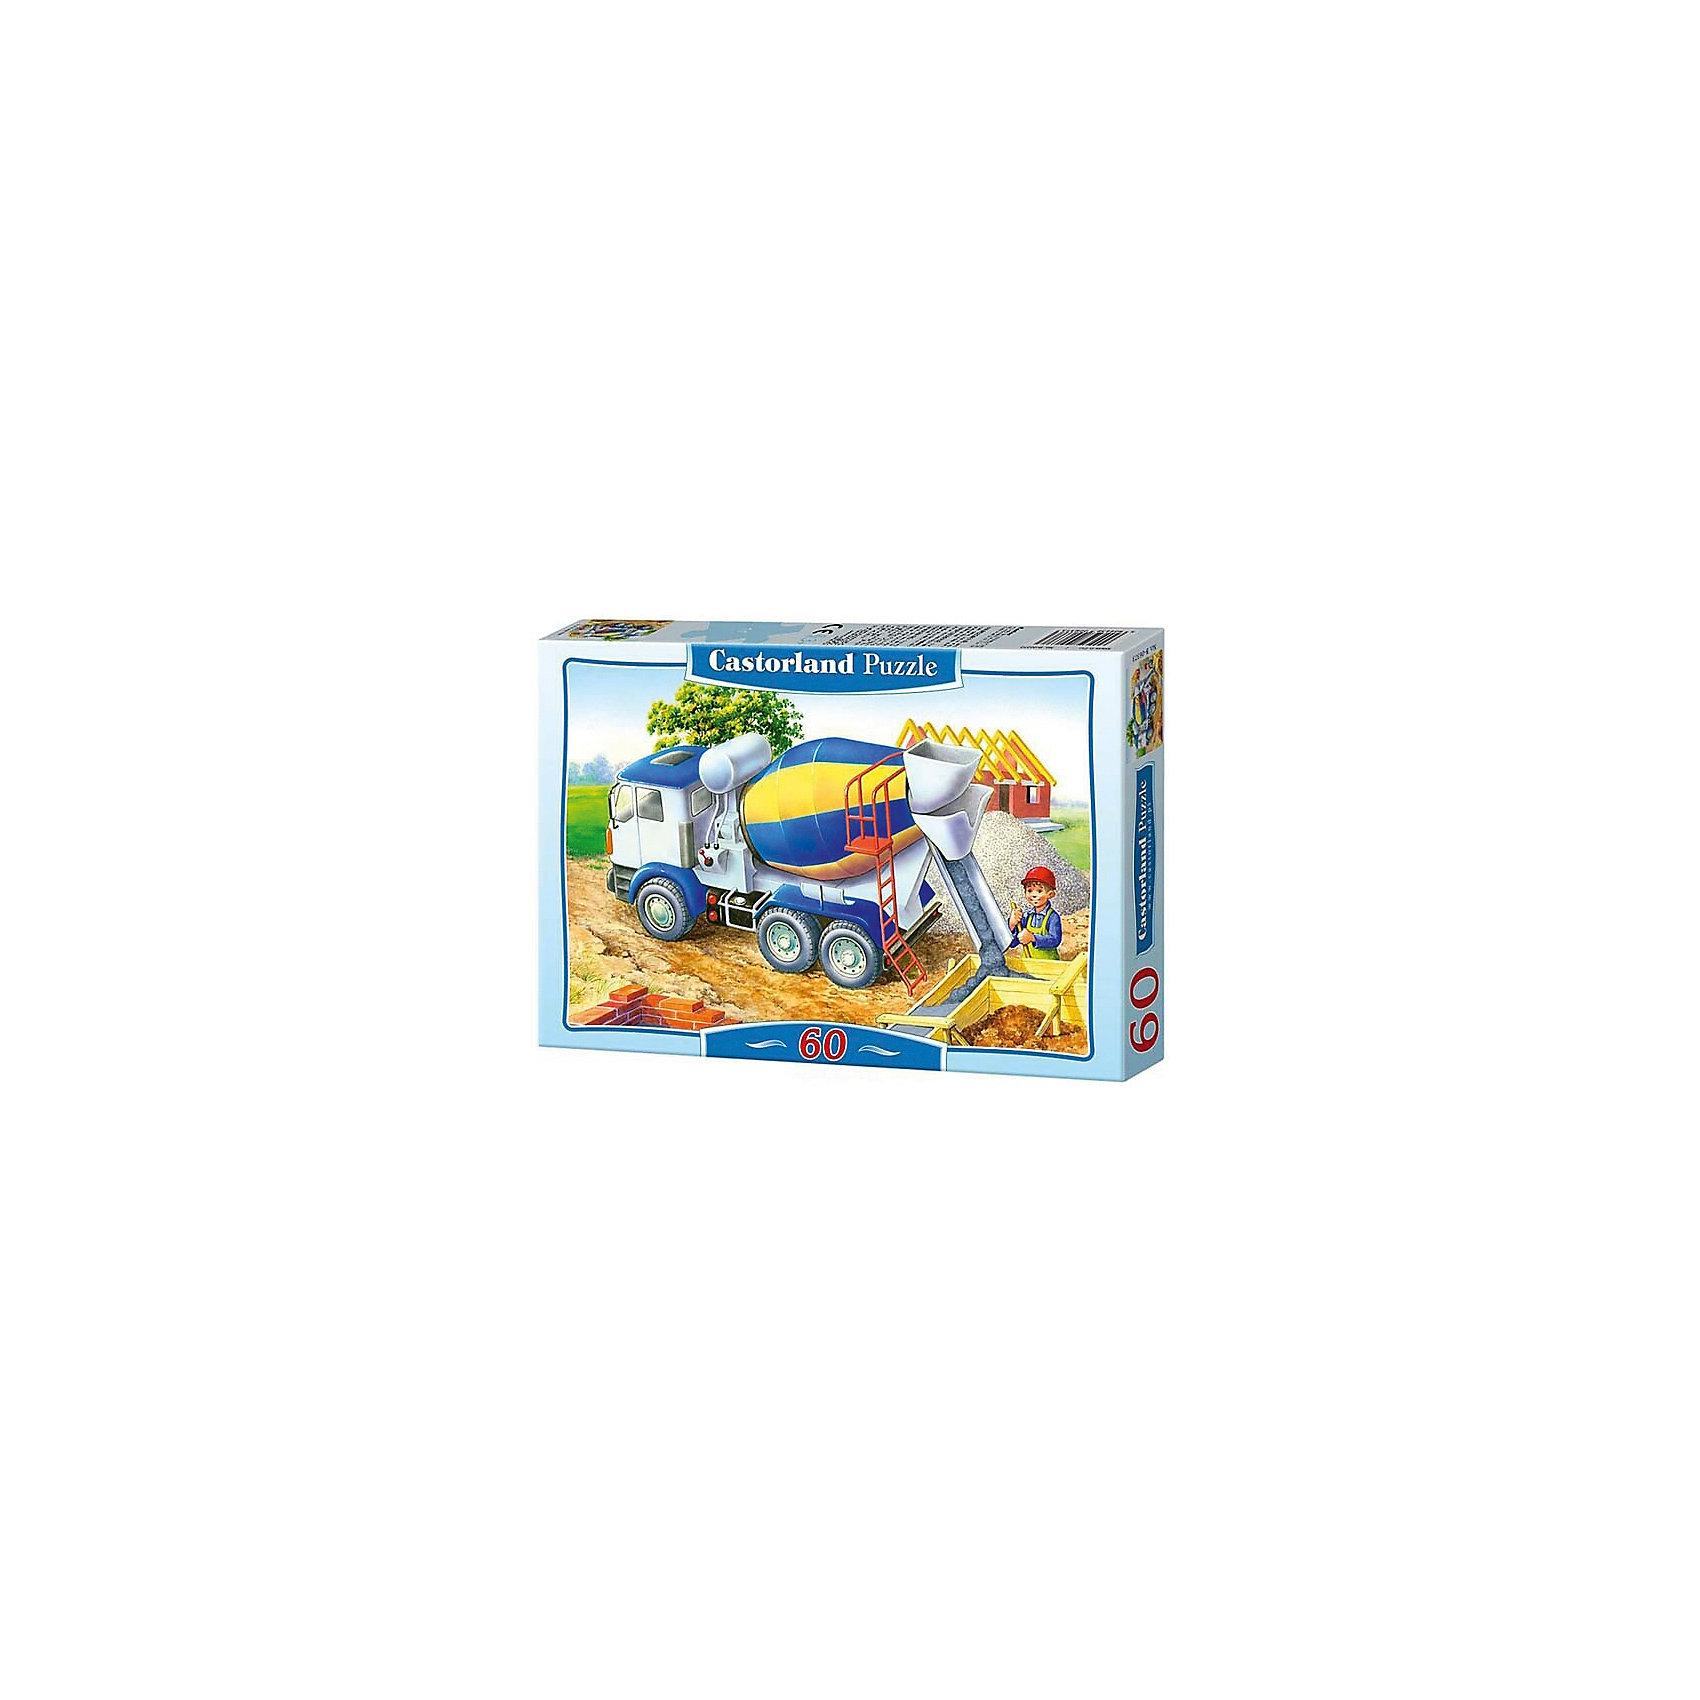 Пазлы Бетономешалка, 60 деталей, CastorlandПазлы для малышей<br>Пазлы Бетономешалка, 60 деталей  - яркий, красивый и качественный детский пазл с изображением картины сельской жизни и строительных работ.<br><br>Дополнительная информация:<br><br>- Кол-во деталей: 60 шт.<br>- Материал: картон.<br>- Размер собранной картинки: 32 х 23 см.<br>- Размеры: 130x180x35 мм<br><br>Пазлы Бетономешалка, 60 деталей, Castorland Вы можете купить в нашем интернет - магазине.<br><br>Ширина мм: 180<br>Глубина мм: 40<br>Высота мм: 130<br>Вес г: 150<br>Возраст от месяцев: 36<br>Возраст до месяцев: 84<br>Пол: Мужской<br>Возраст: Детский<br>Количество деталей: 60<br>SKU: 2562345